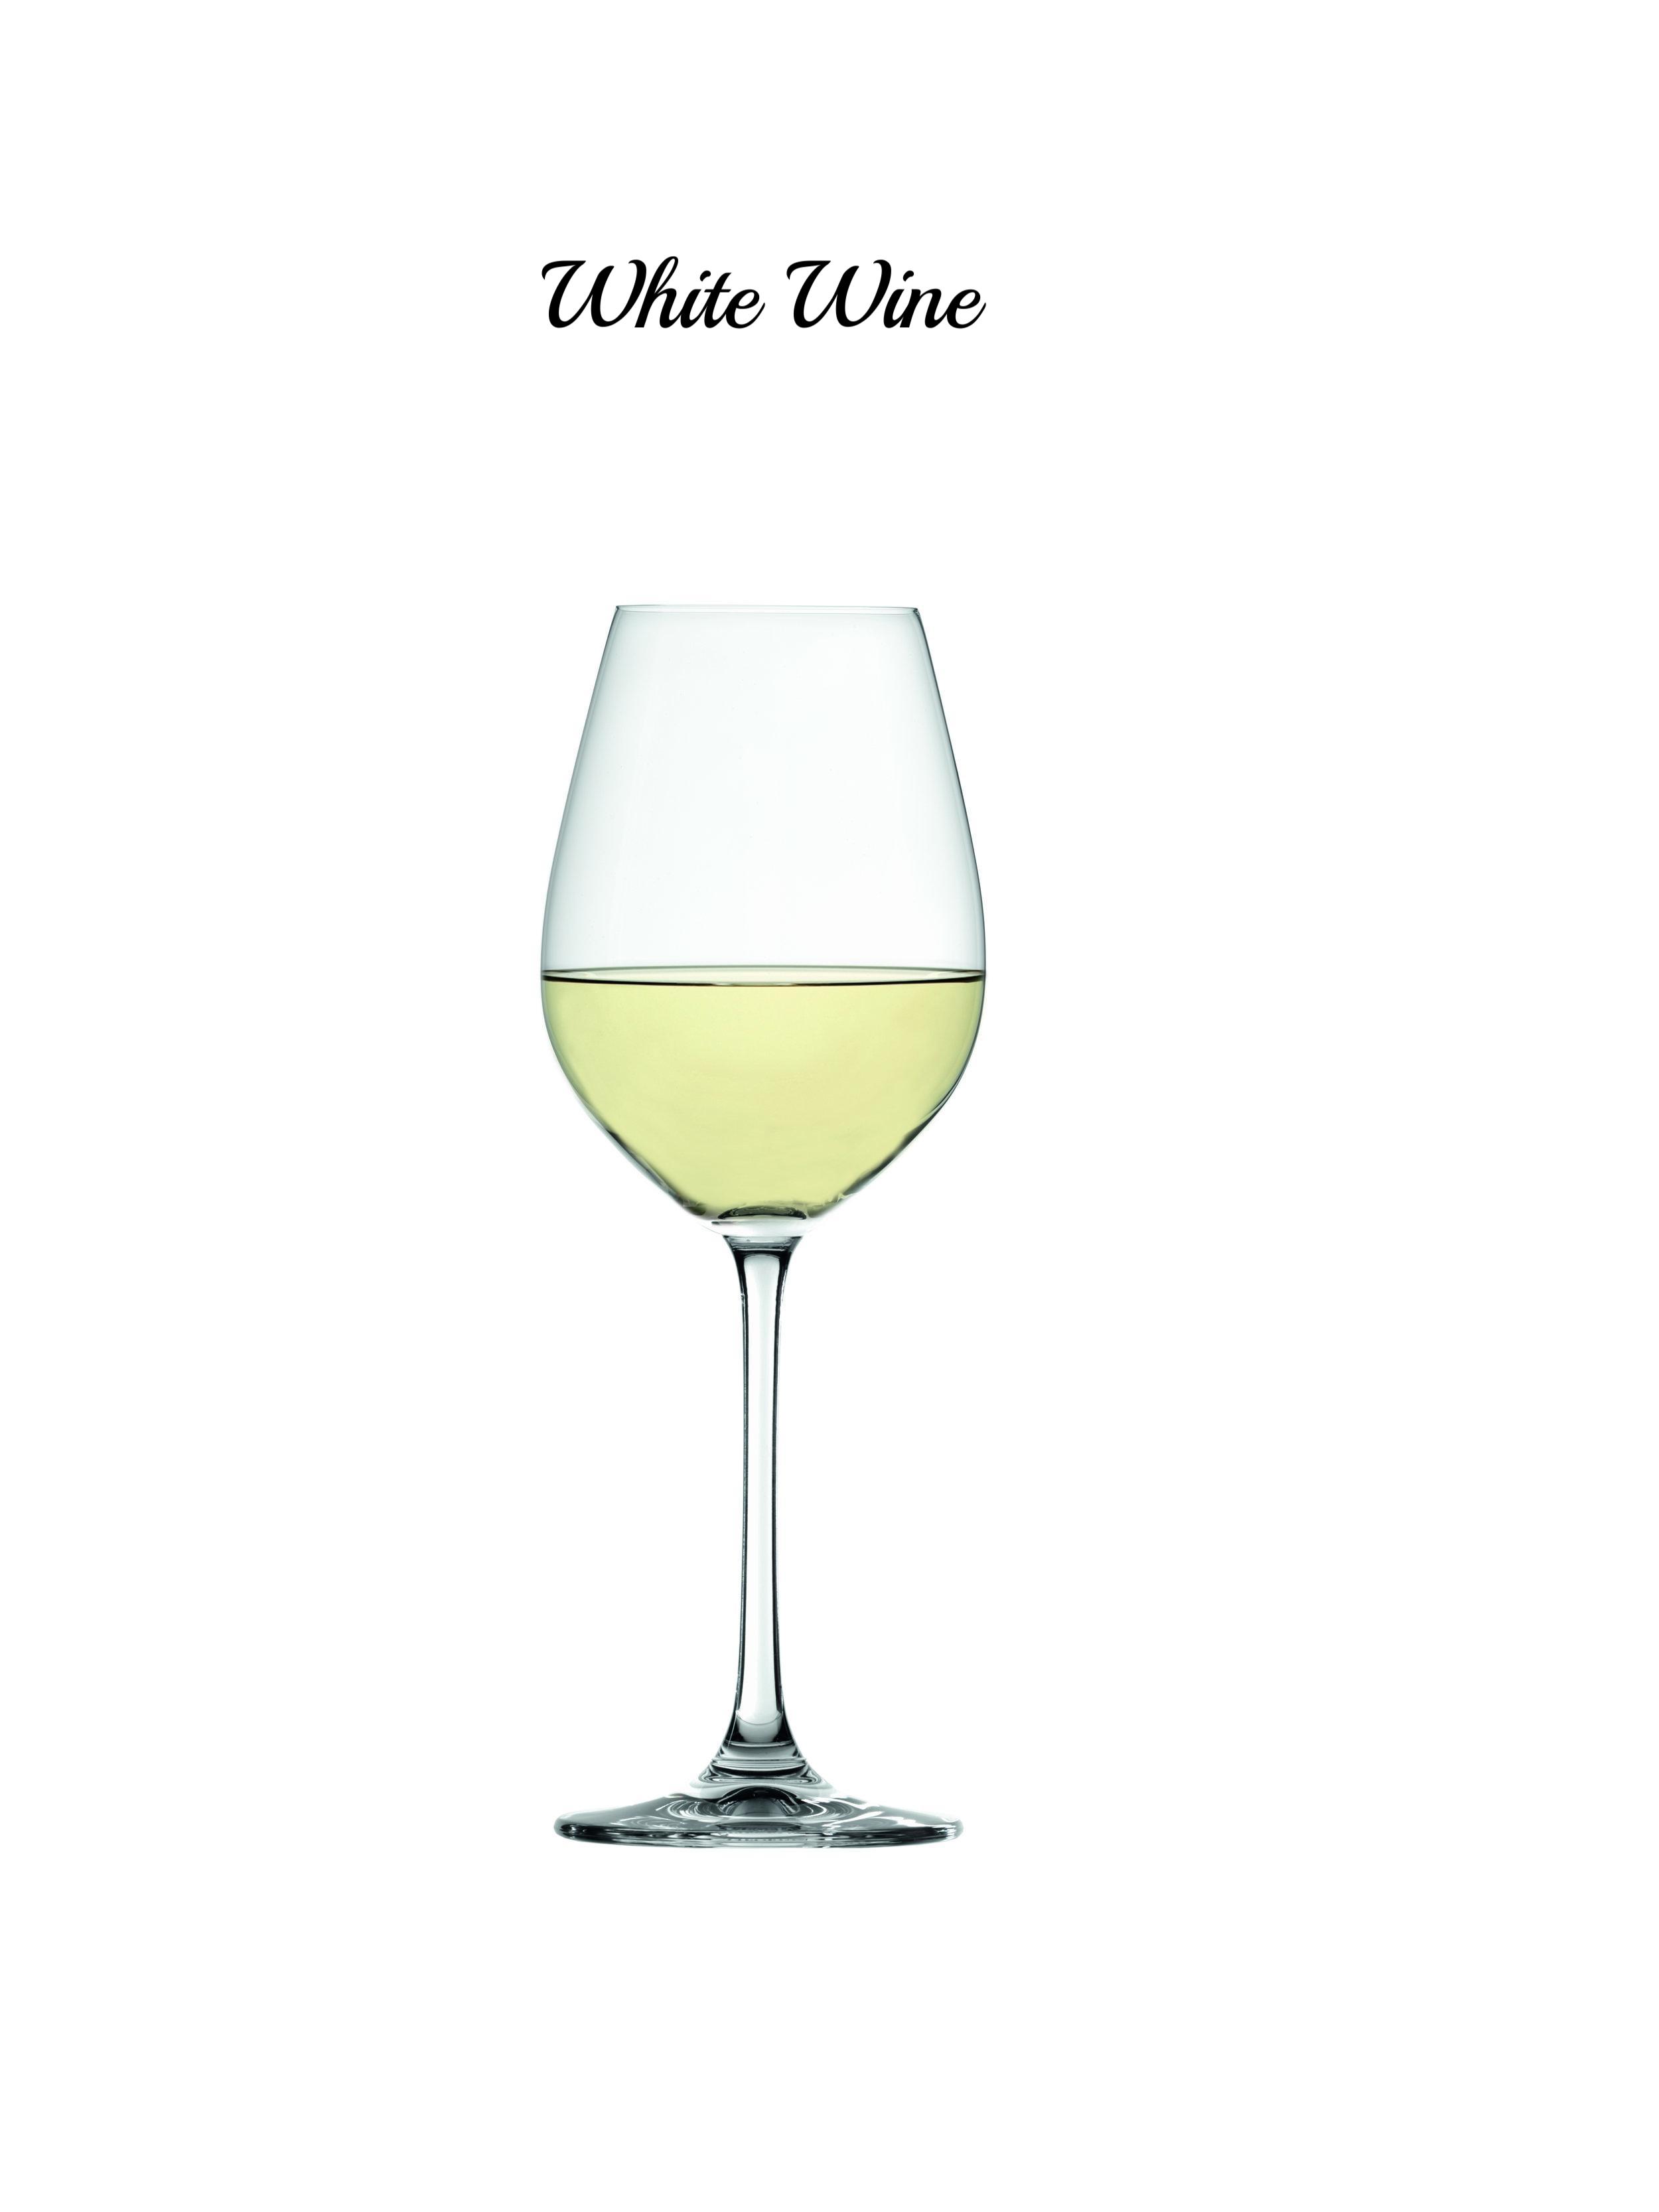 Salute White Wine 4728002_2.jpg